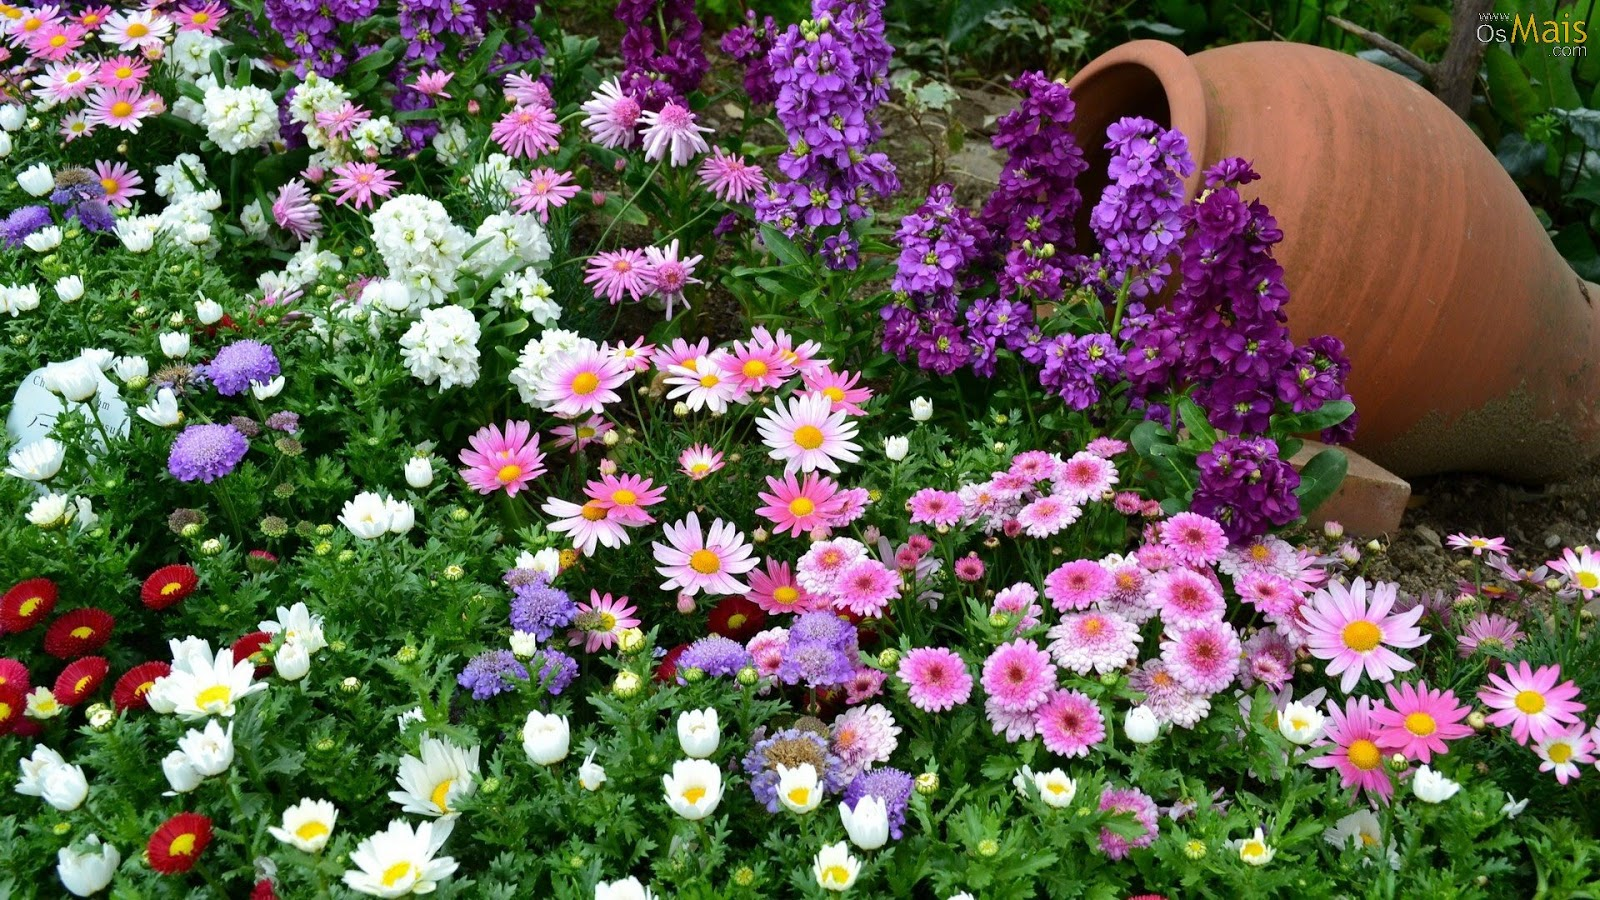 http://2.bp.blogspot.com/-h93zYGifw_Y/URJ-Qa5rMOI/AAAAAAAABB0/Ia5JbdIdonA/s1600/flores-coloridas-wallpaper.jpg